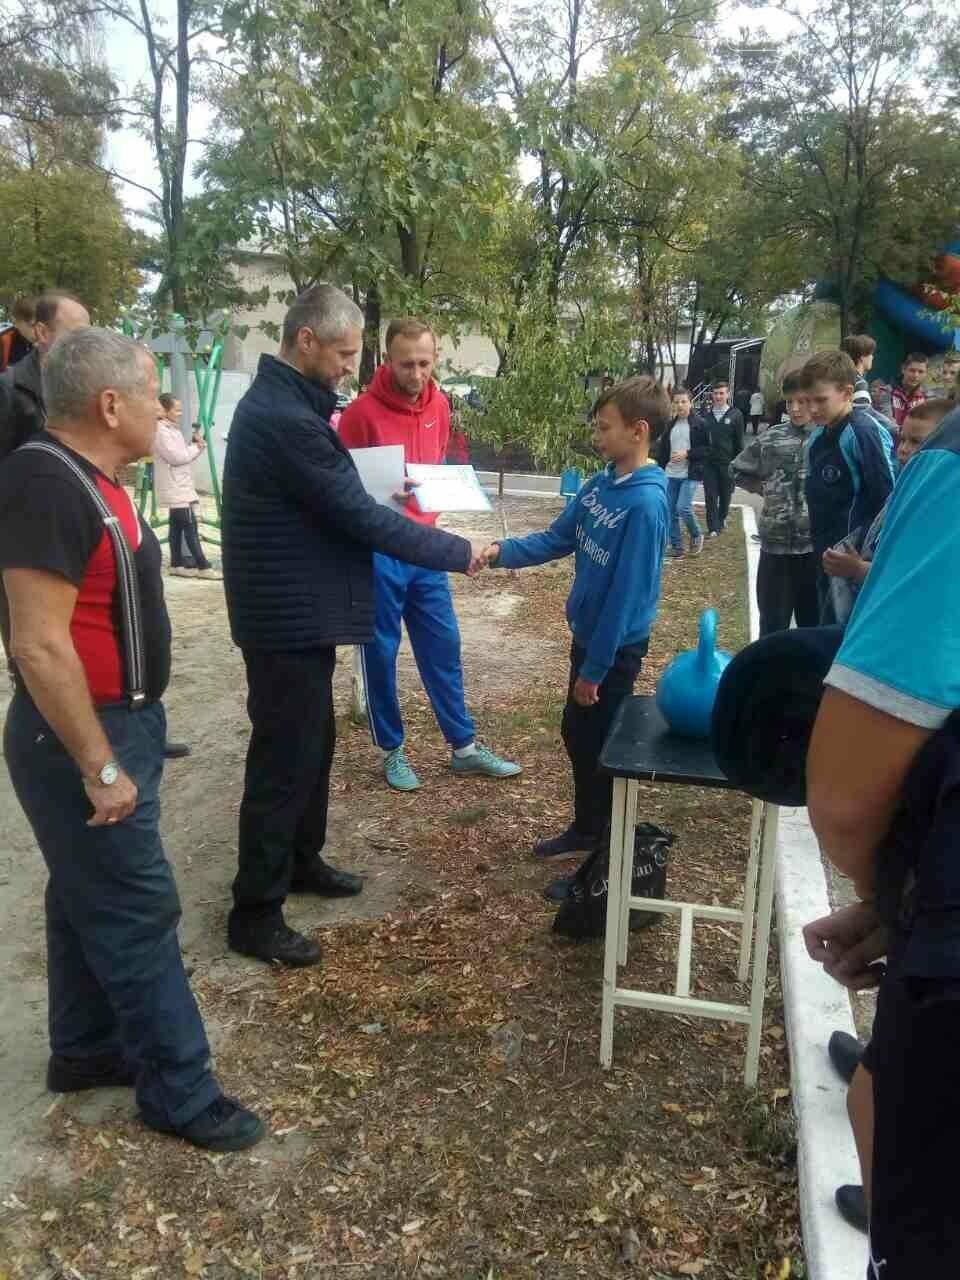 У селищі Шевченко пройшли змагання  з армспорту, гирьового спорту та перетягування канату, фото-3